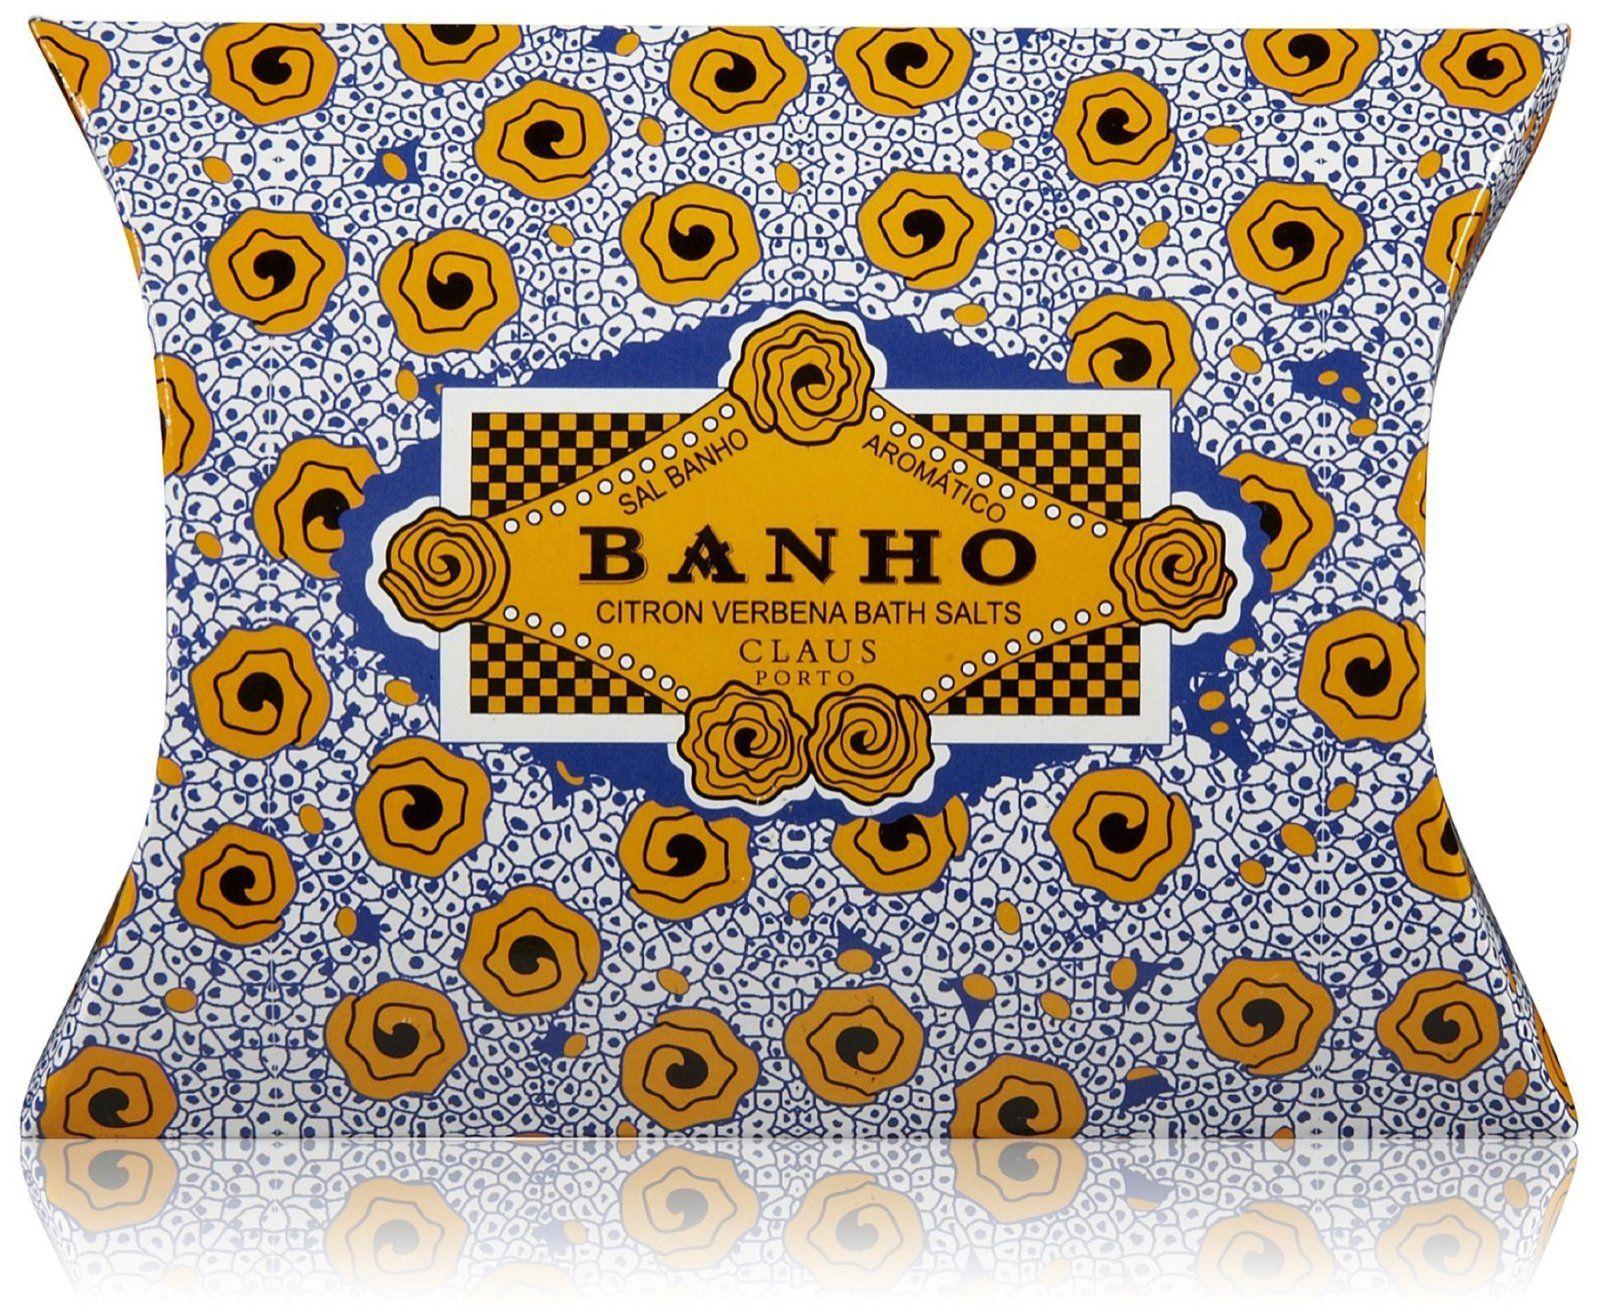 Claus Porto Deco Collection Banho - Citron Verbena Bath Salts